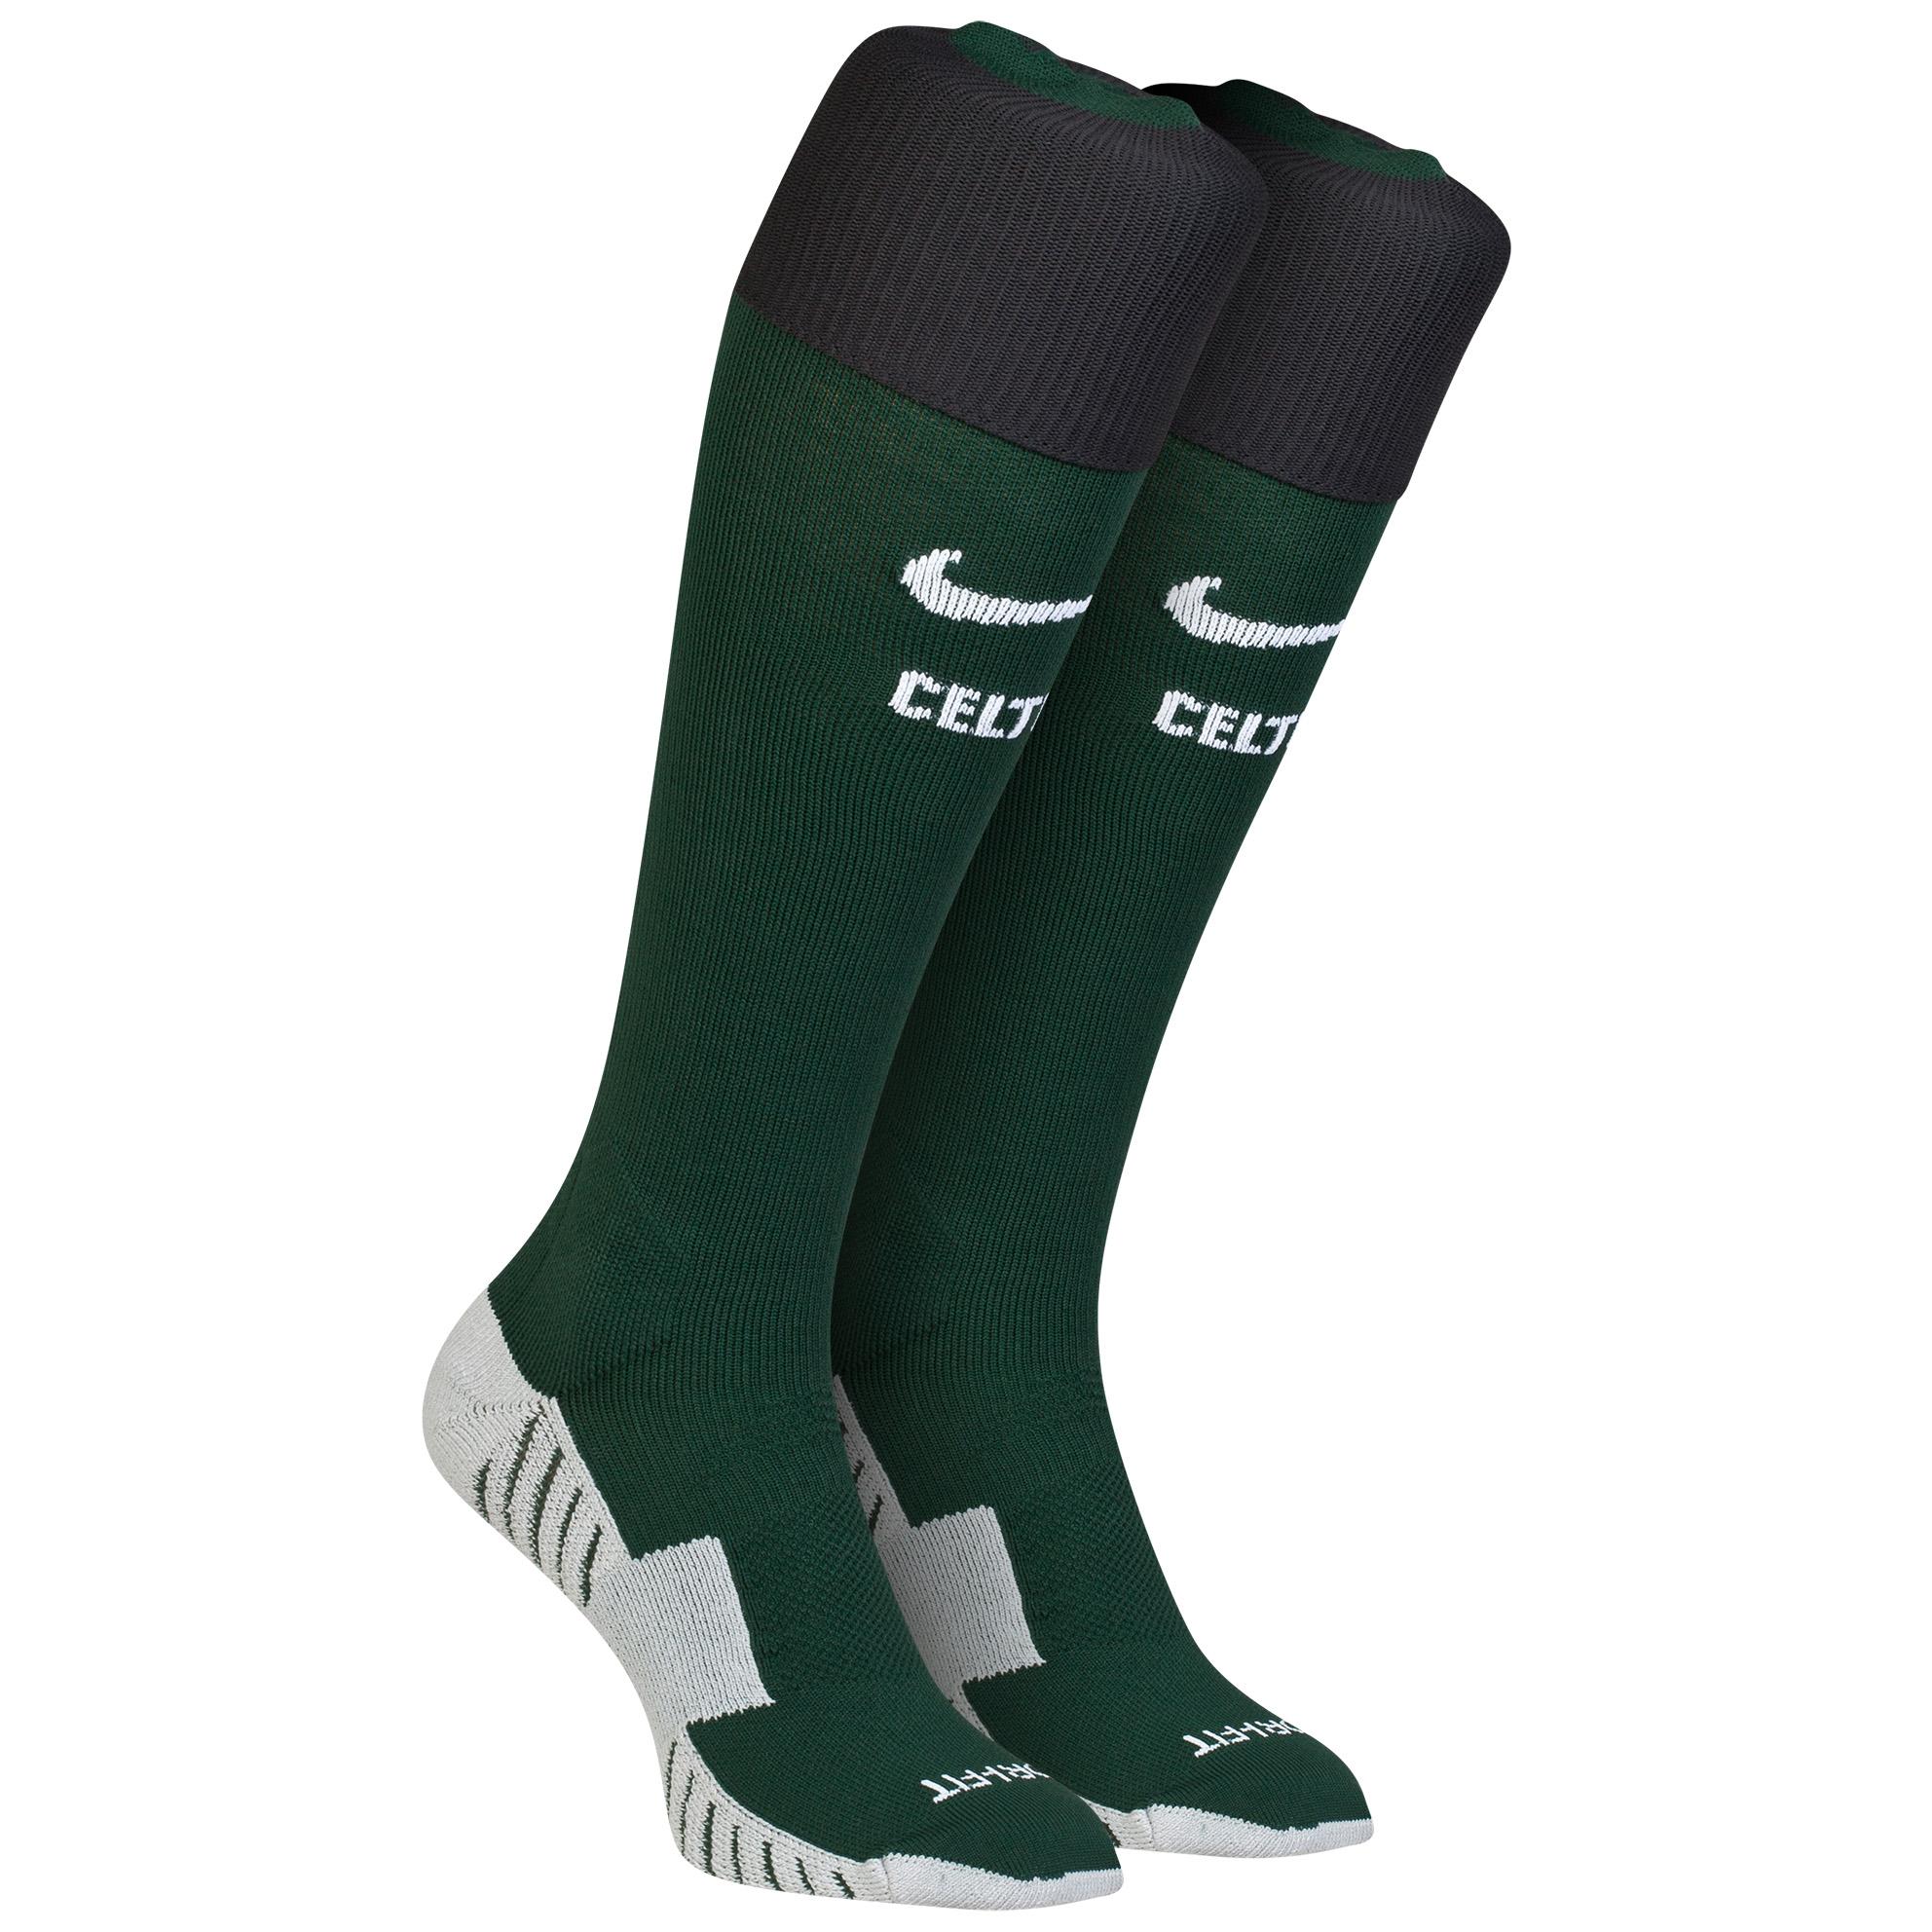 Celtic Away Socks 201415 Green